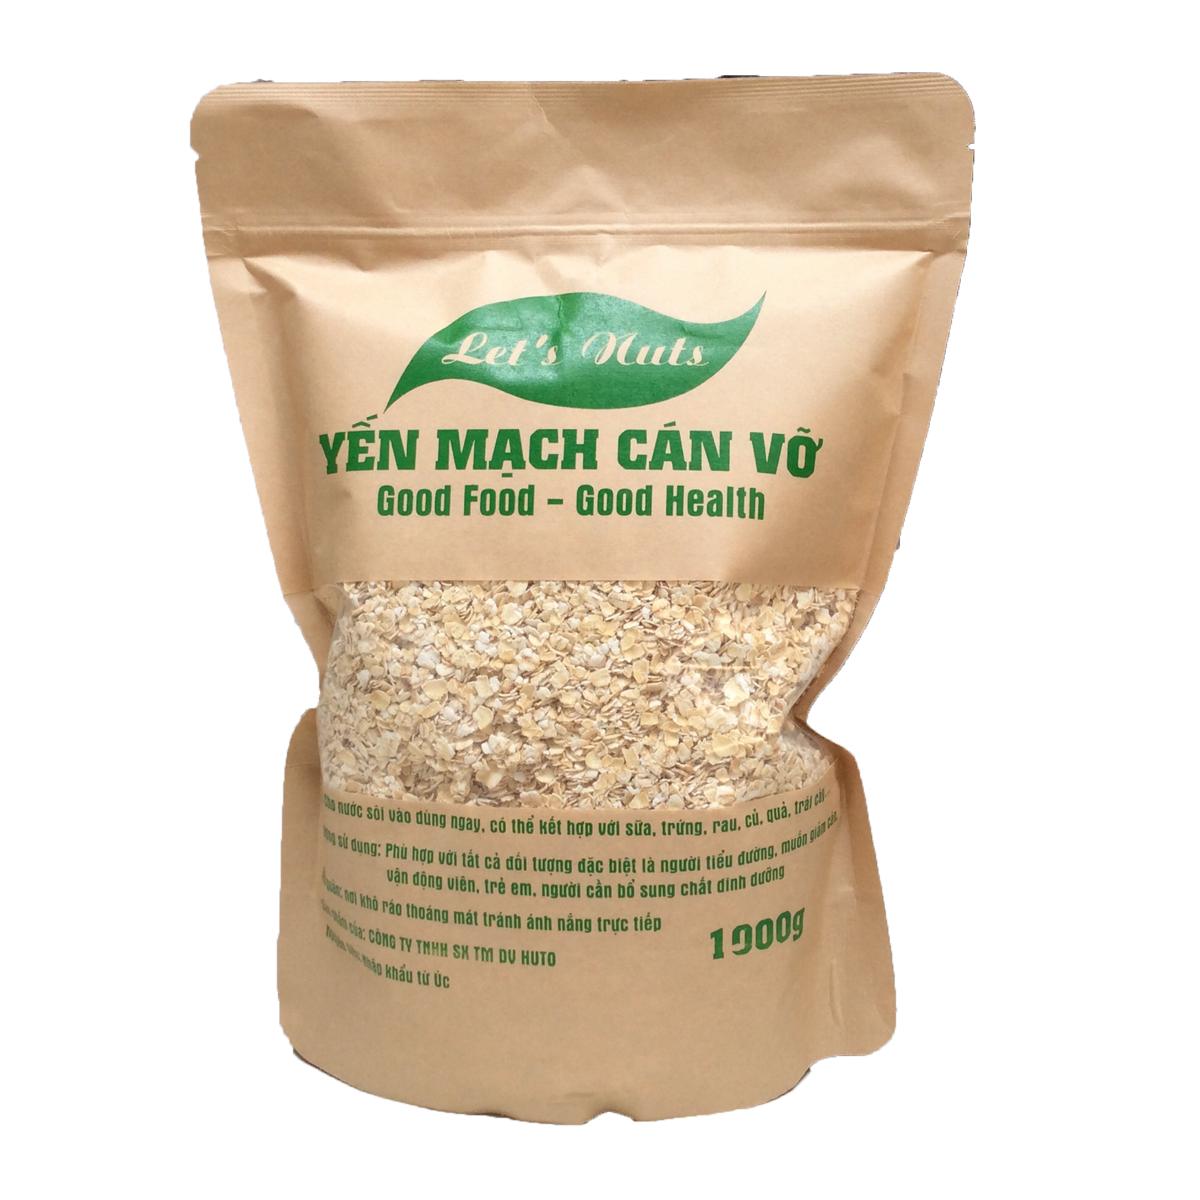 Hạt yến mạch cán vỡ Let's Nuts làm ngũ cốc giảm cân, bột yến mạch, người tập gym, bổ sung chất dinh dưỡng túi 1000g Let Nuts